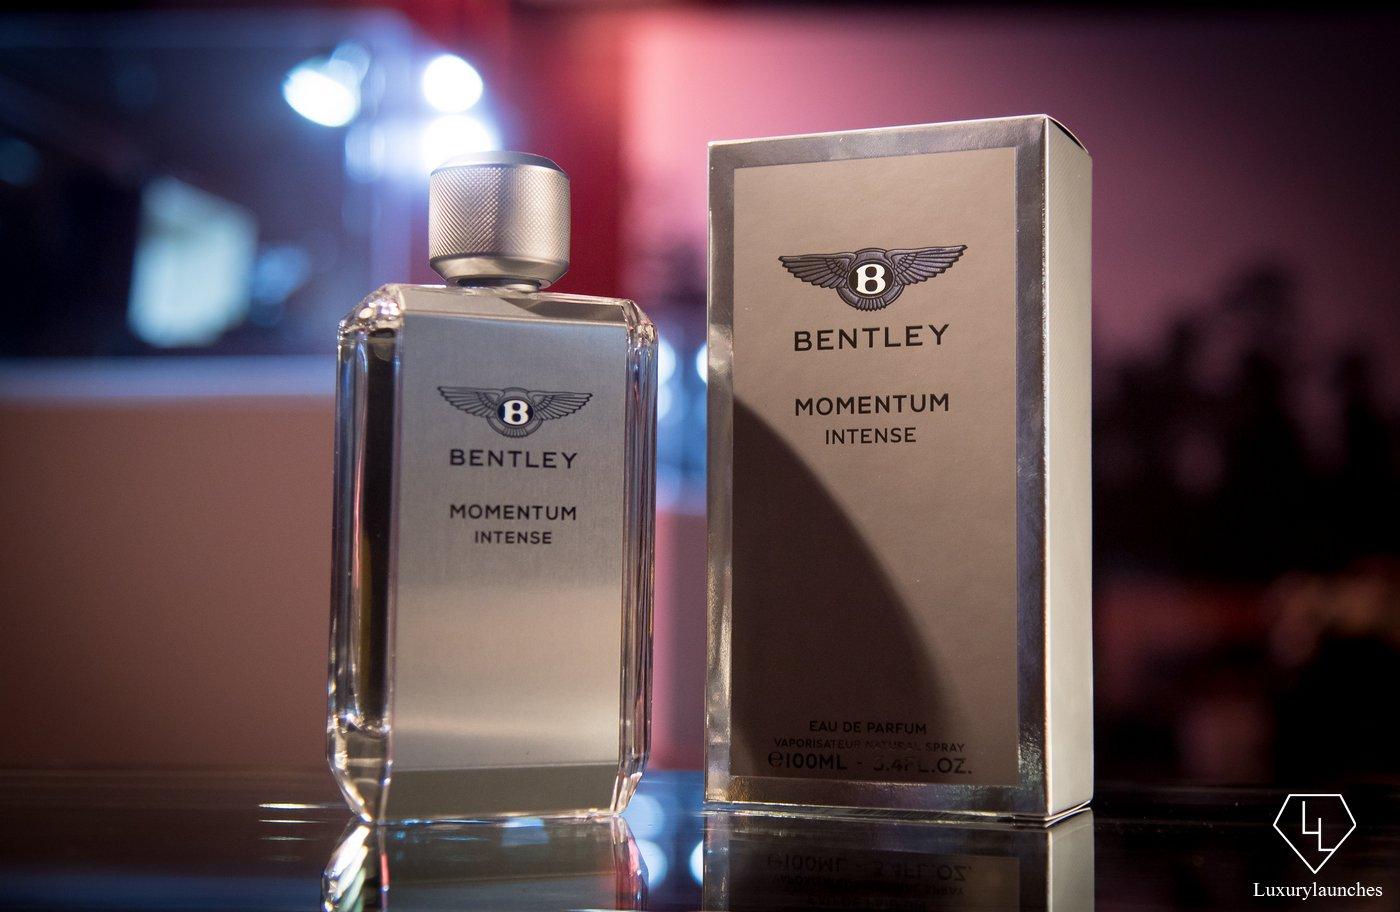 Bentley Fragrances LaunchesMomentum Bentley Bentley Intense Fragrances LaunchesMomentum Intense DE9eHIW2Y